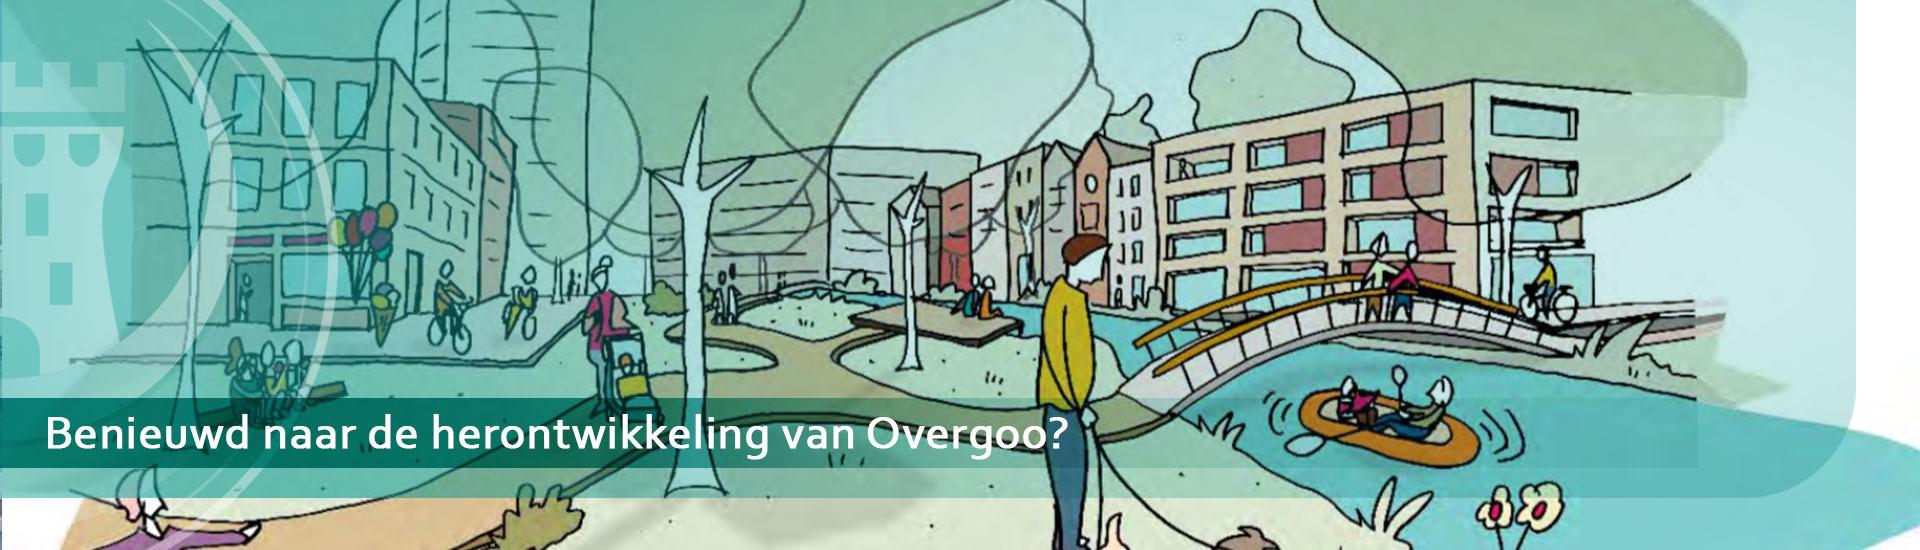 banner-ALV-overgoo